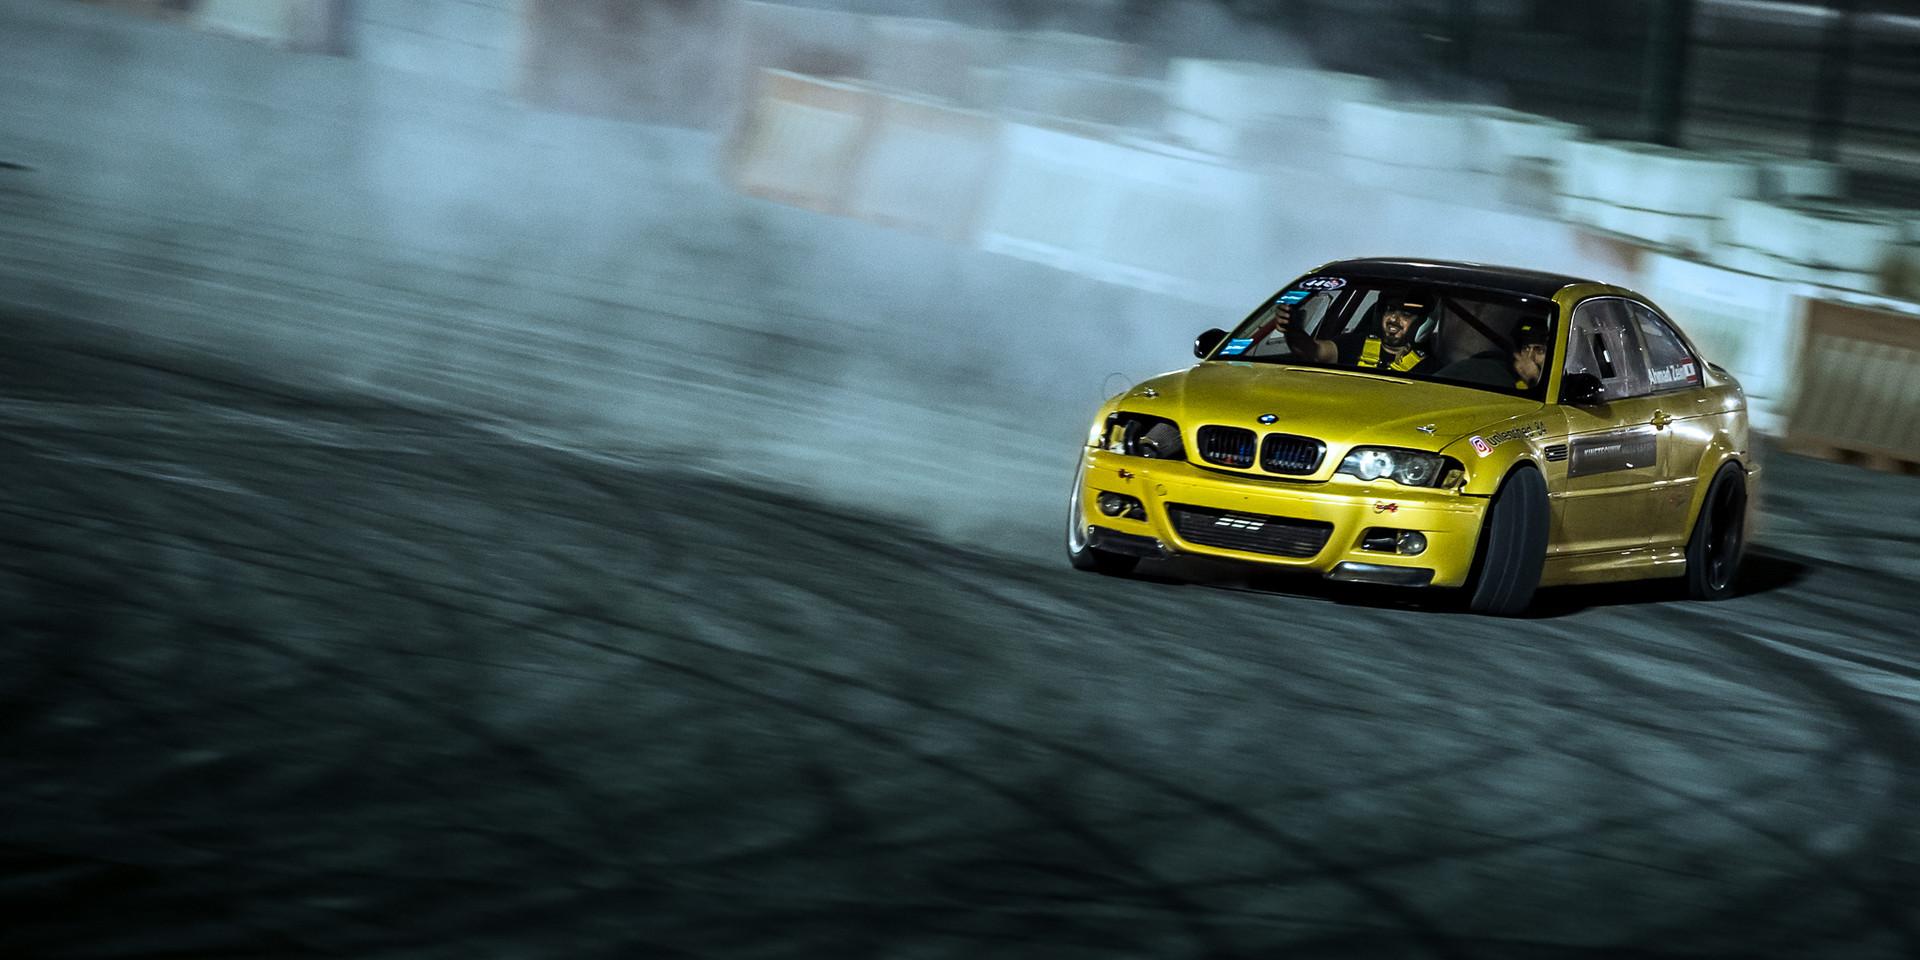 KM BMW M3 Turbo